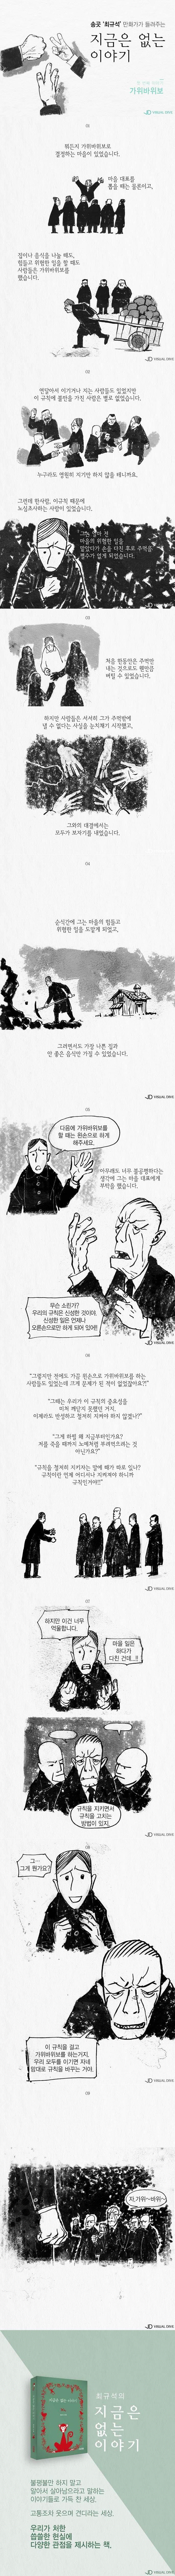 최규석의 '지금은 없는 이야기' (1) [카드뉴스] #webtoon / #cardnews ⓒ 비주얼다이브 무단 복사·전재·재배포 금지